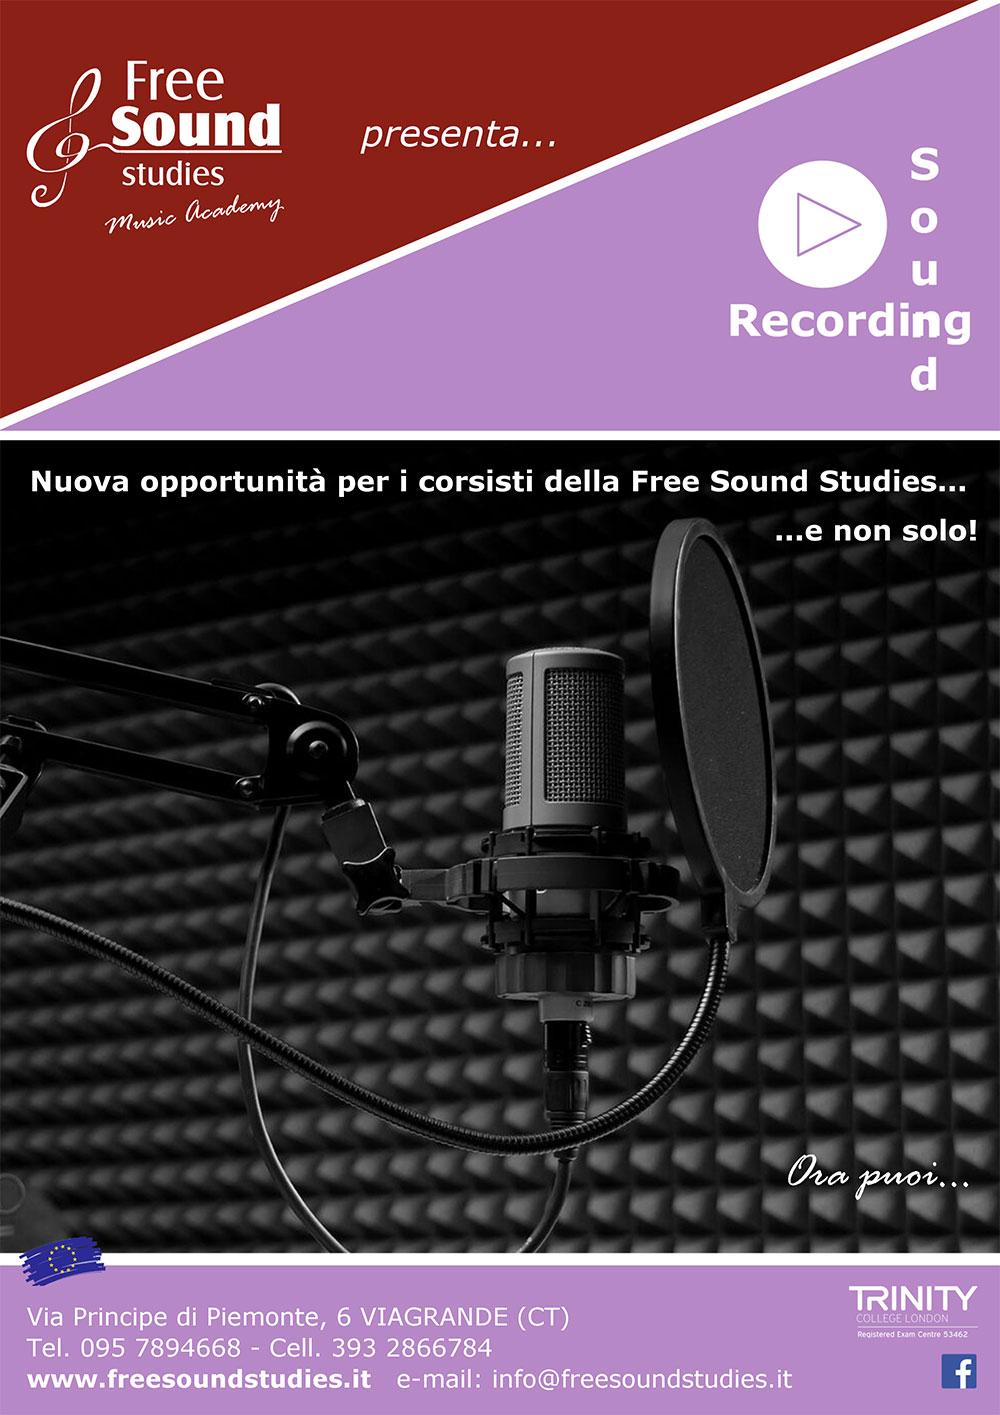 La Free Sound Studies presenta la Recording Sound